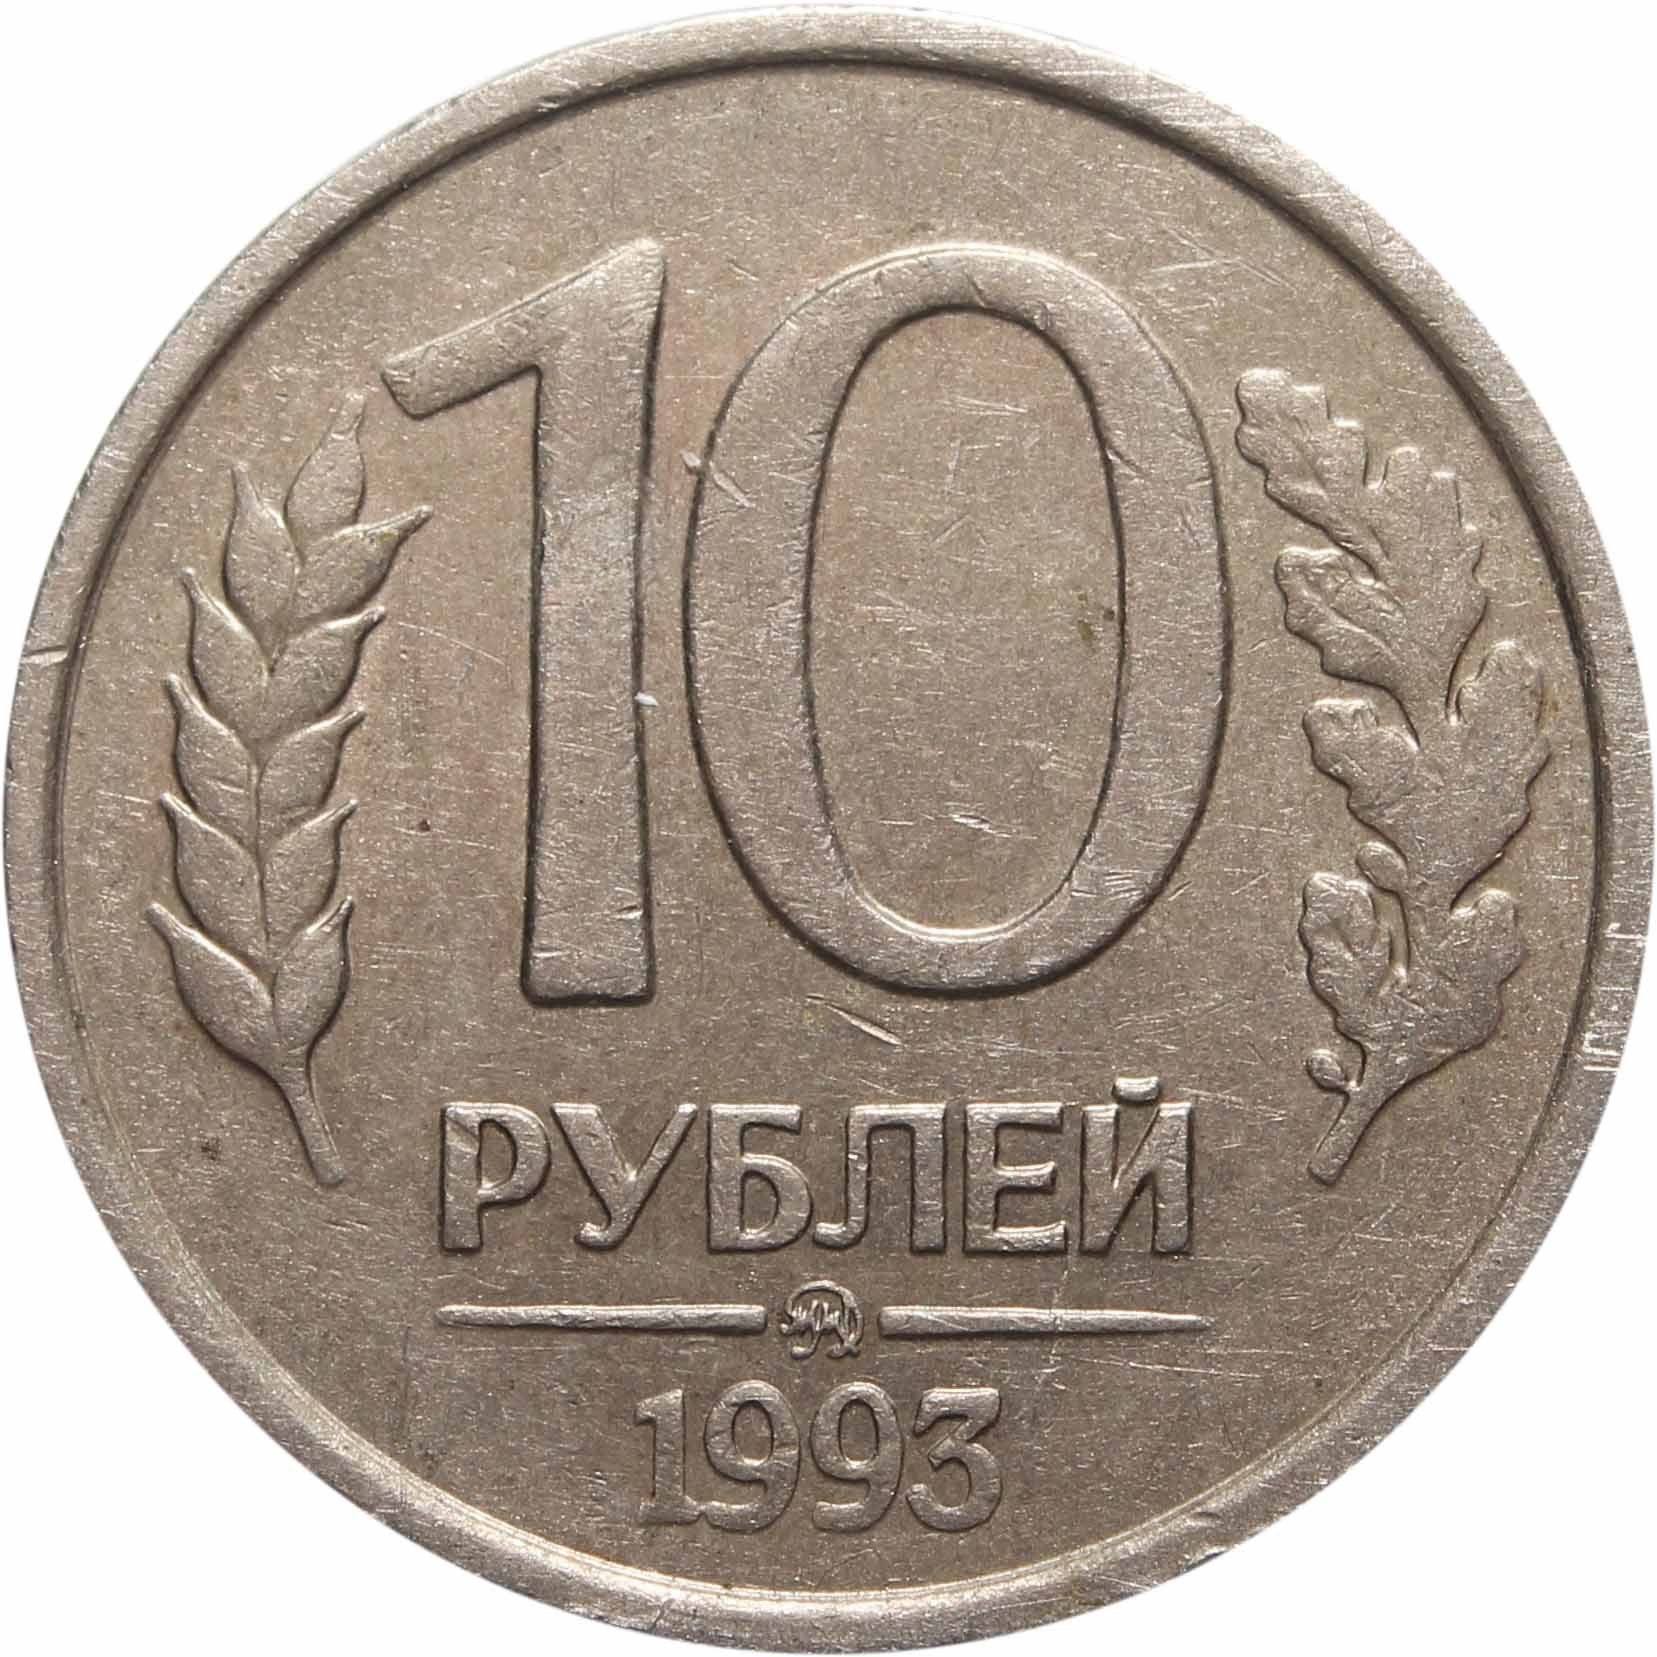 10 рублей ММД 1993 год (немагнитная) XF